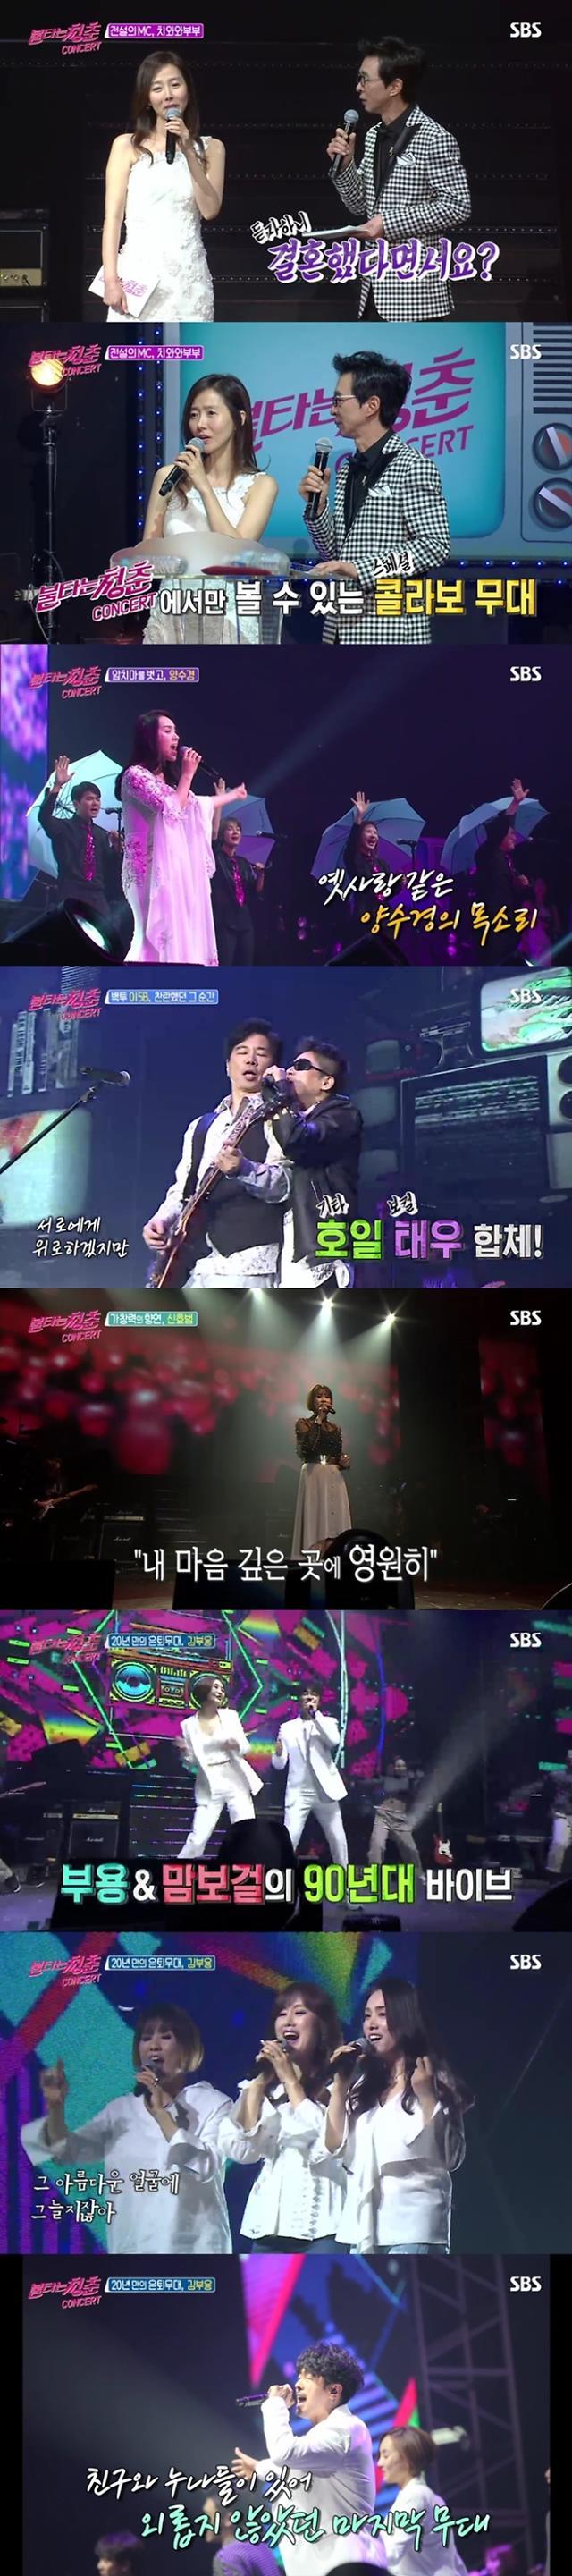 공일오비부터 김부용까지 불타는 청춘 콘서트에 시청률도 쑥…자체최고 경신